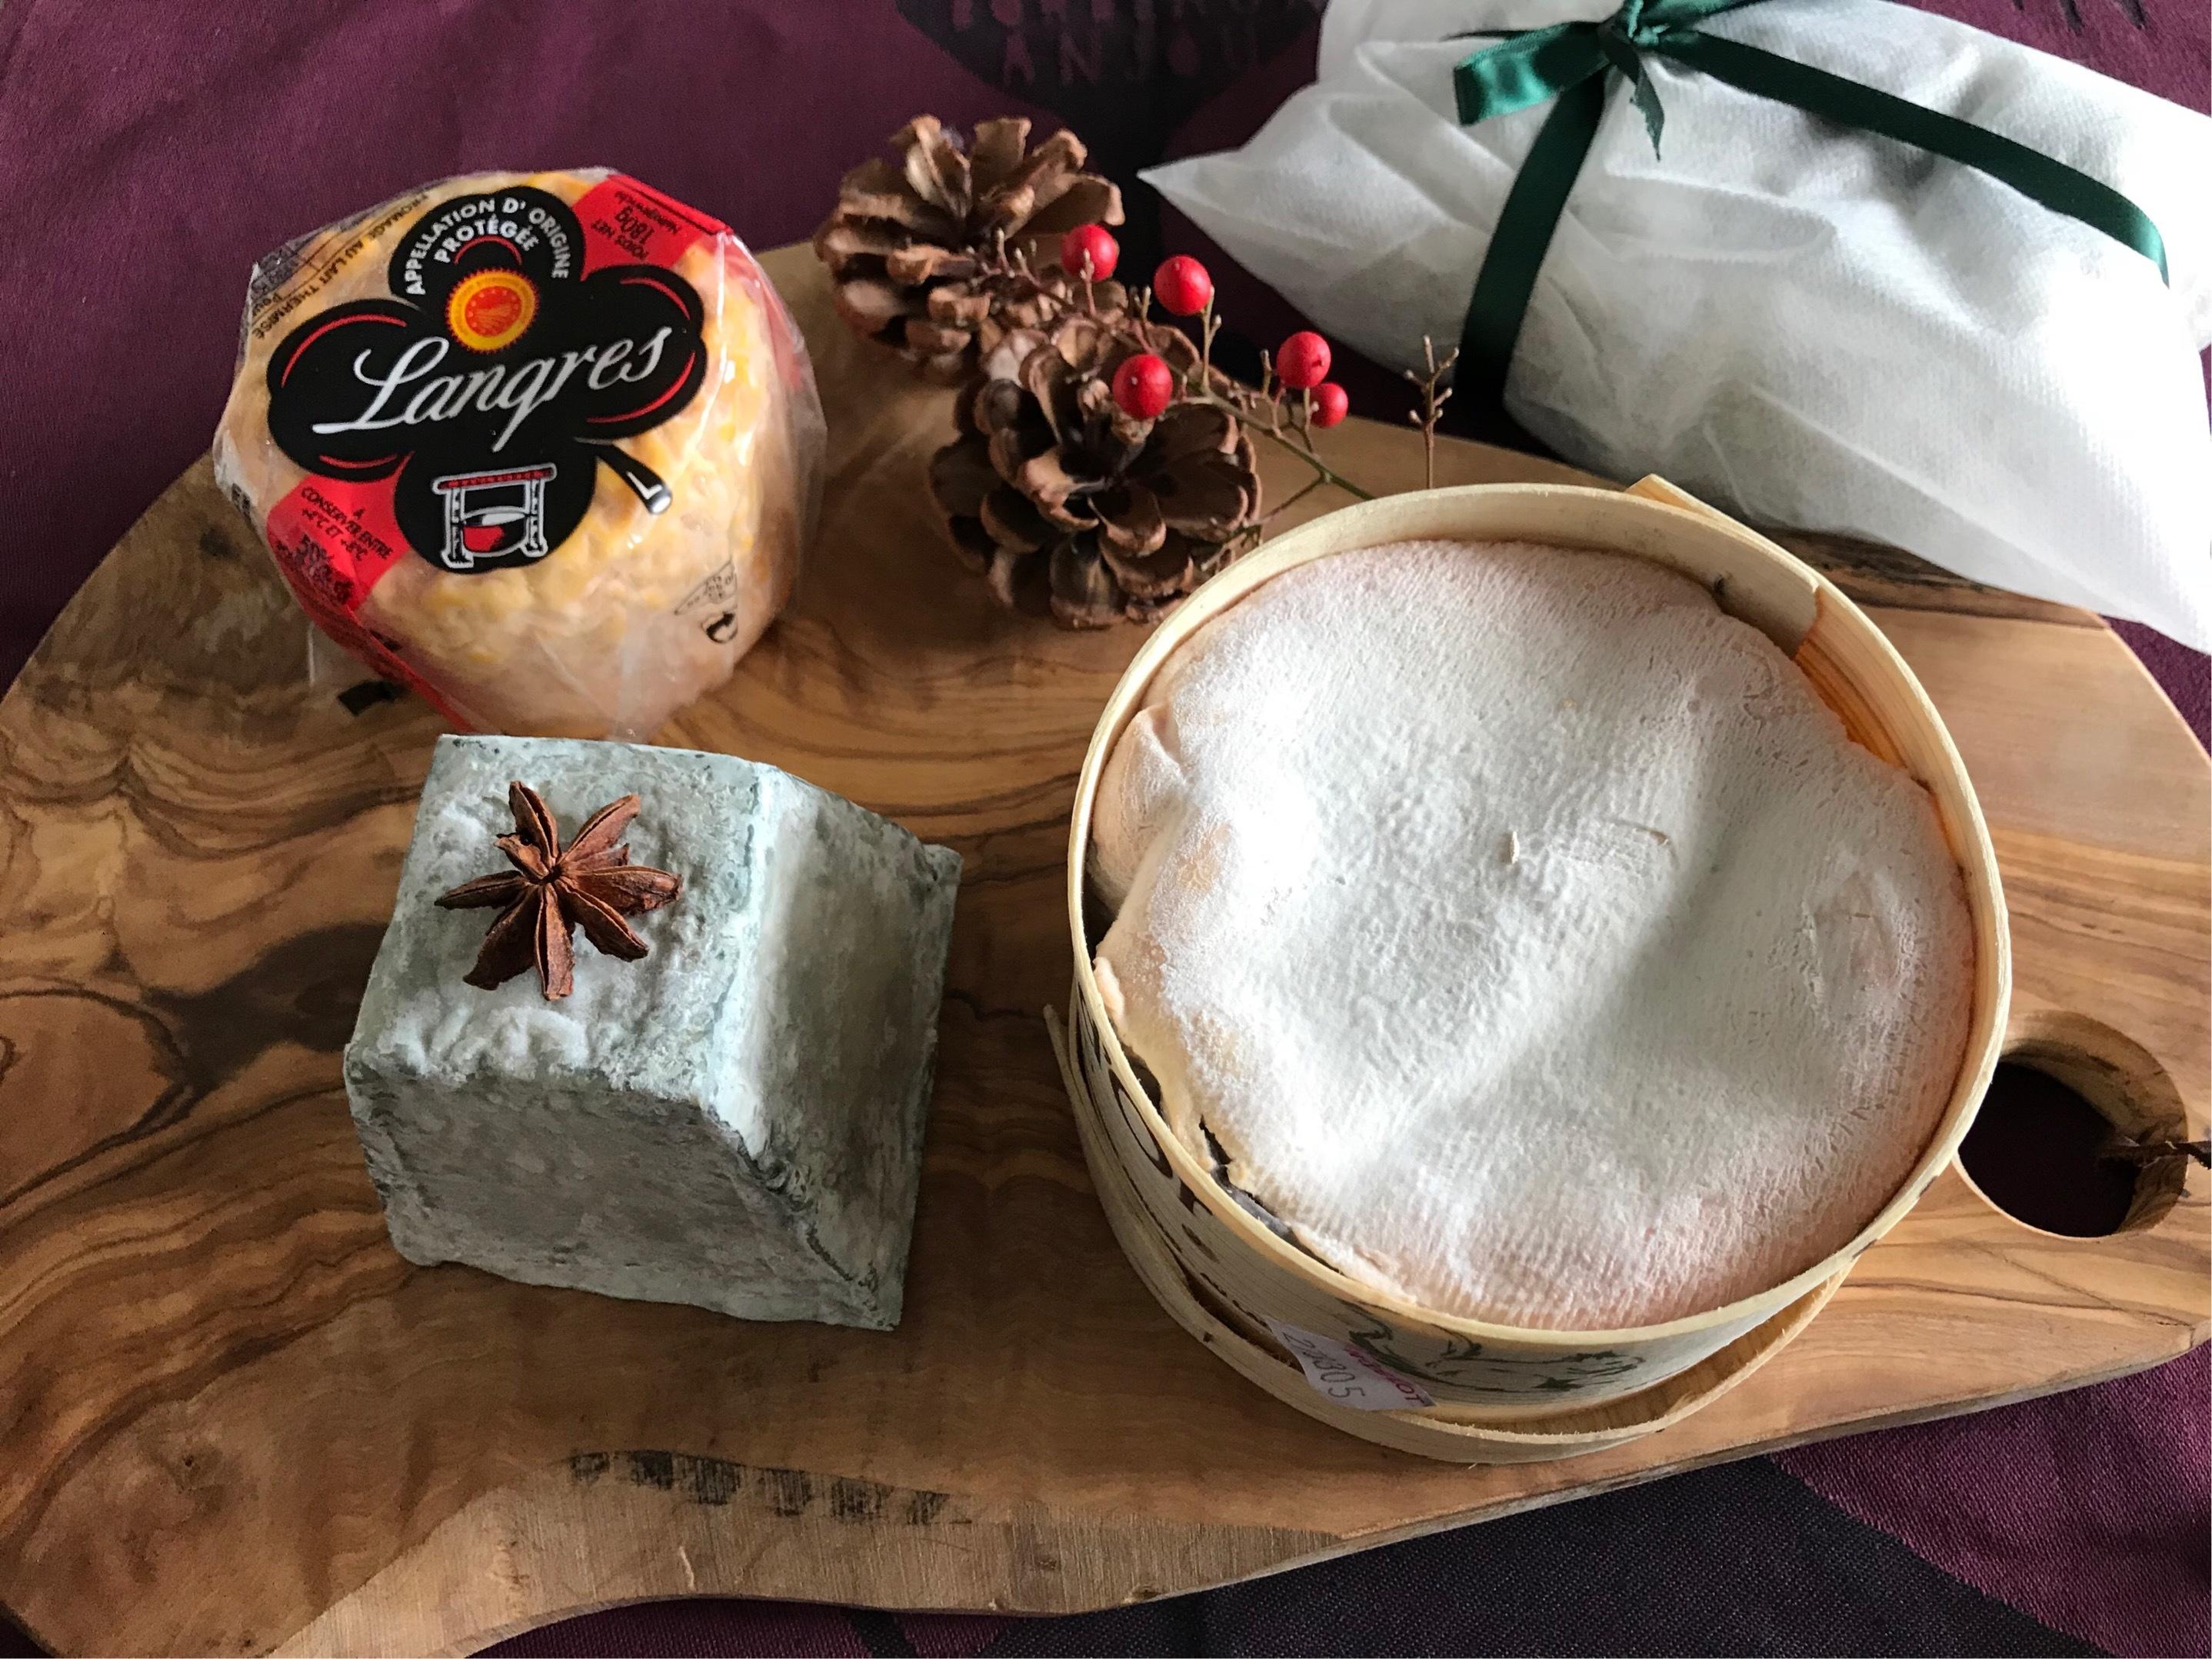 Xmasパーティーにおススメ♡美味しすぎるチーズ「モンドール」!_1_6